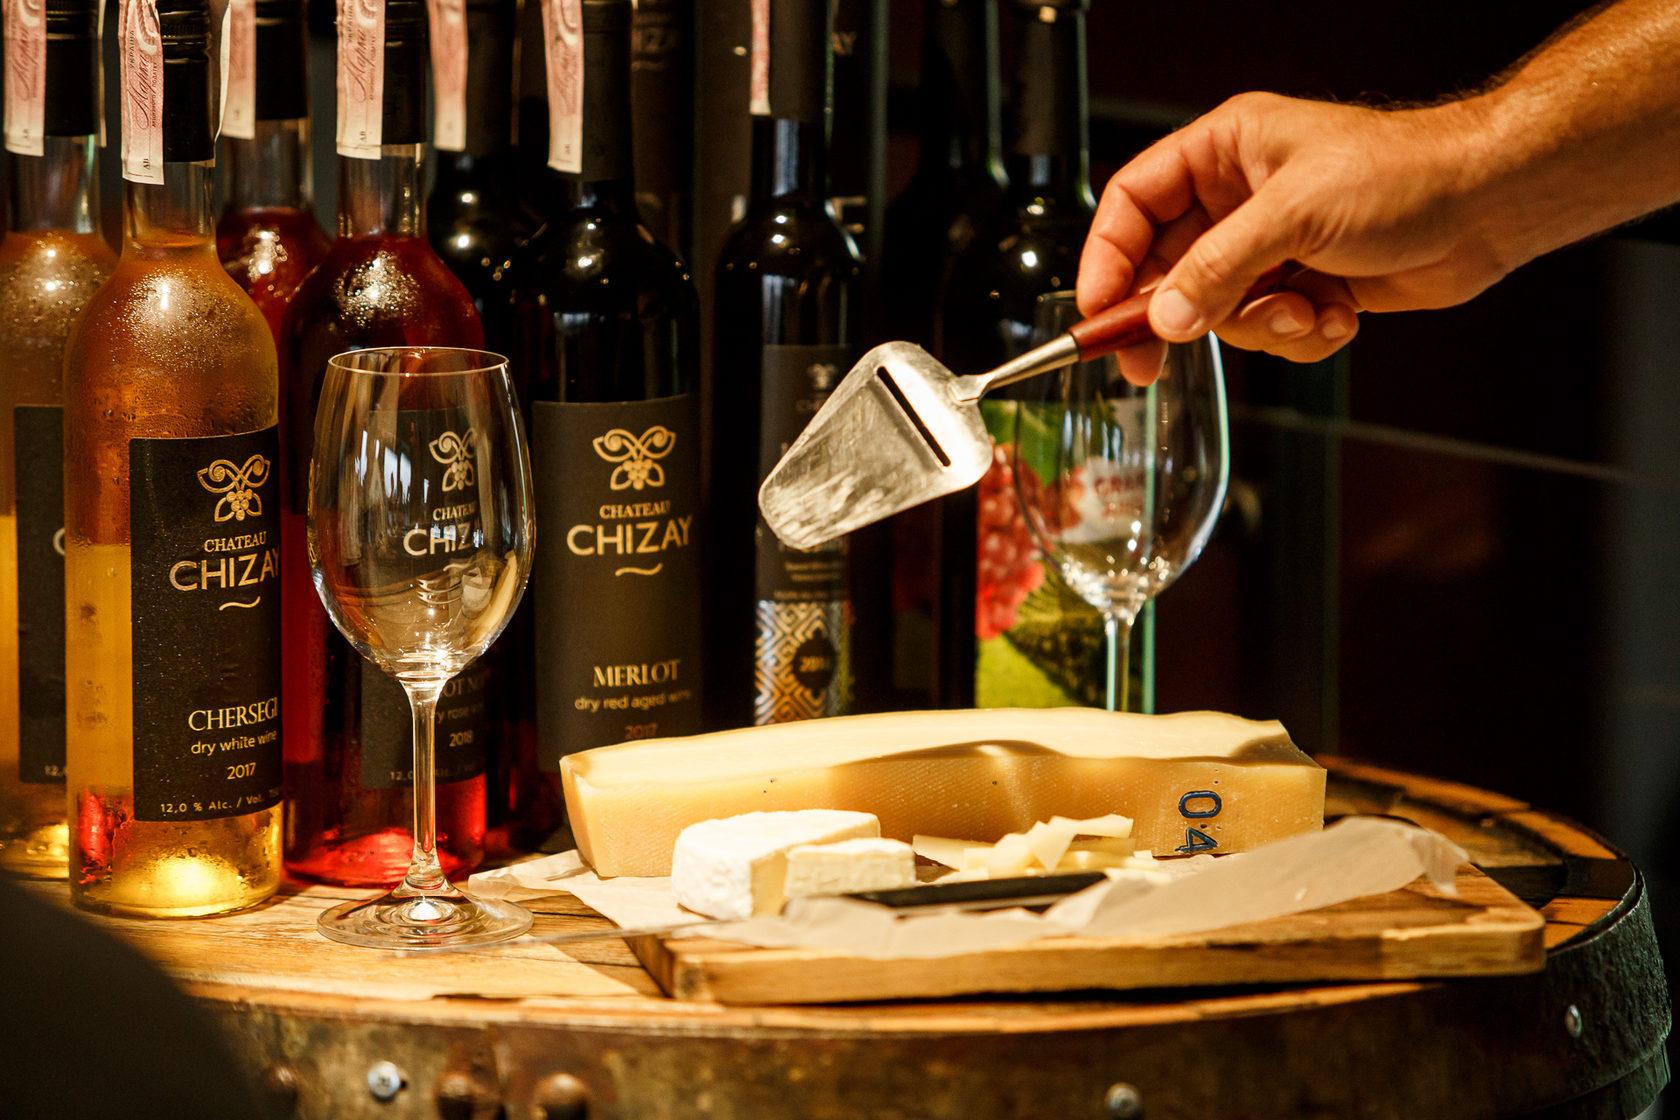 Шато Чизай: 5 причин приехать в гости к виноделам Закарпатья